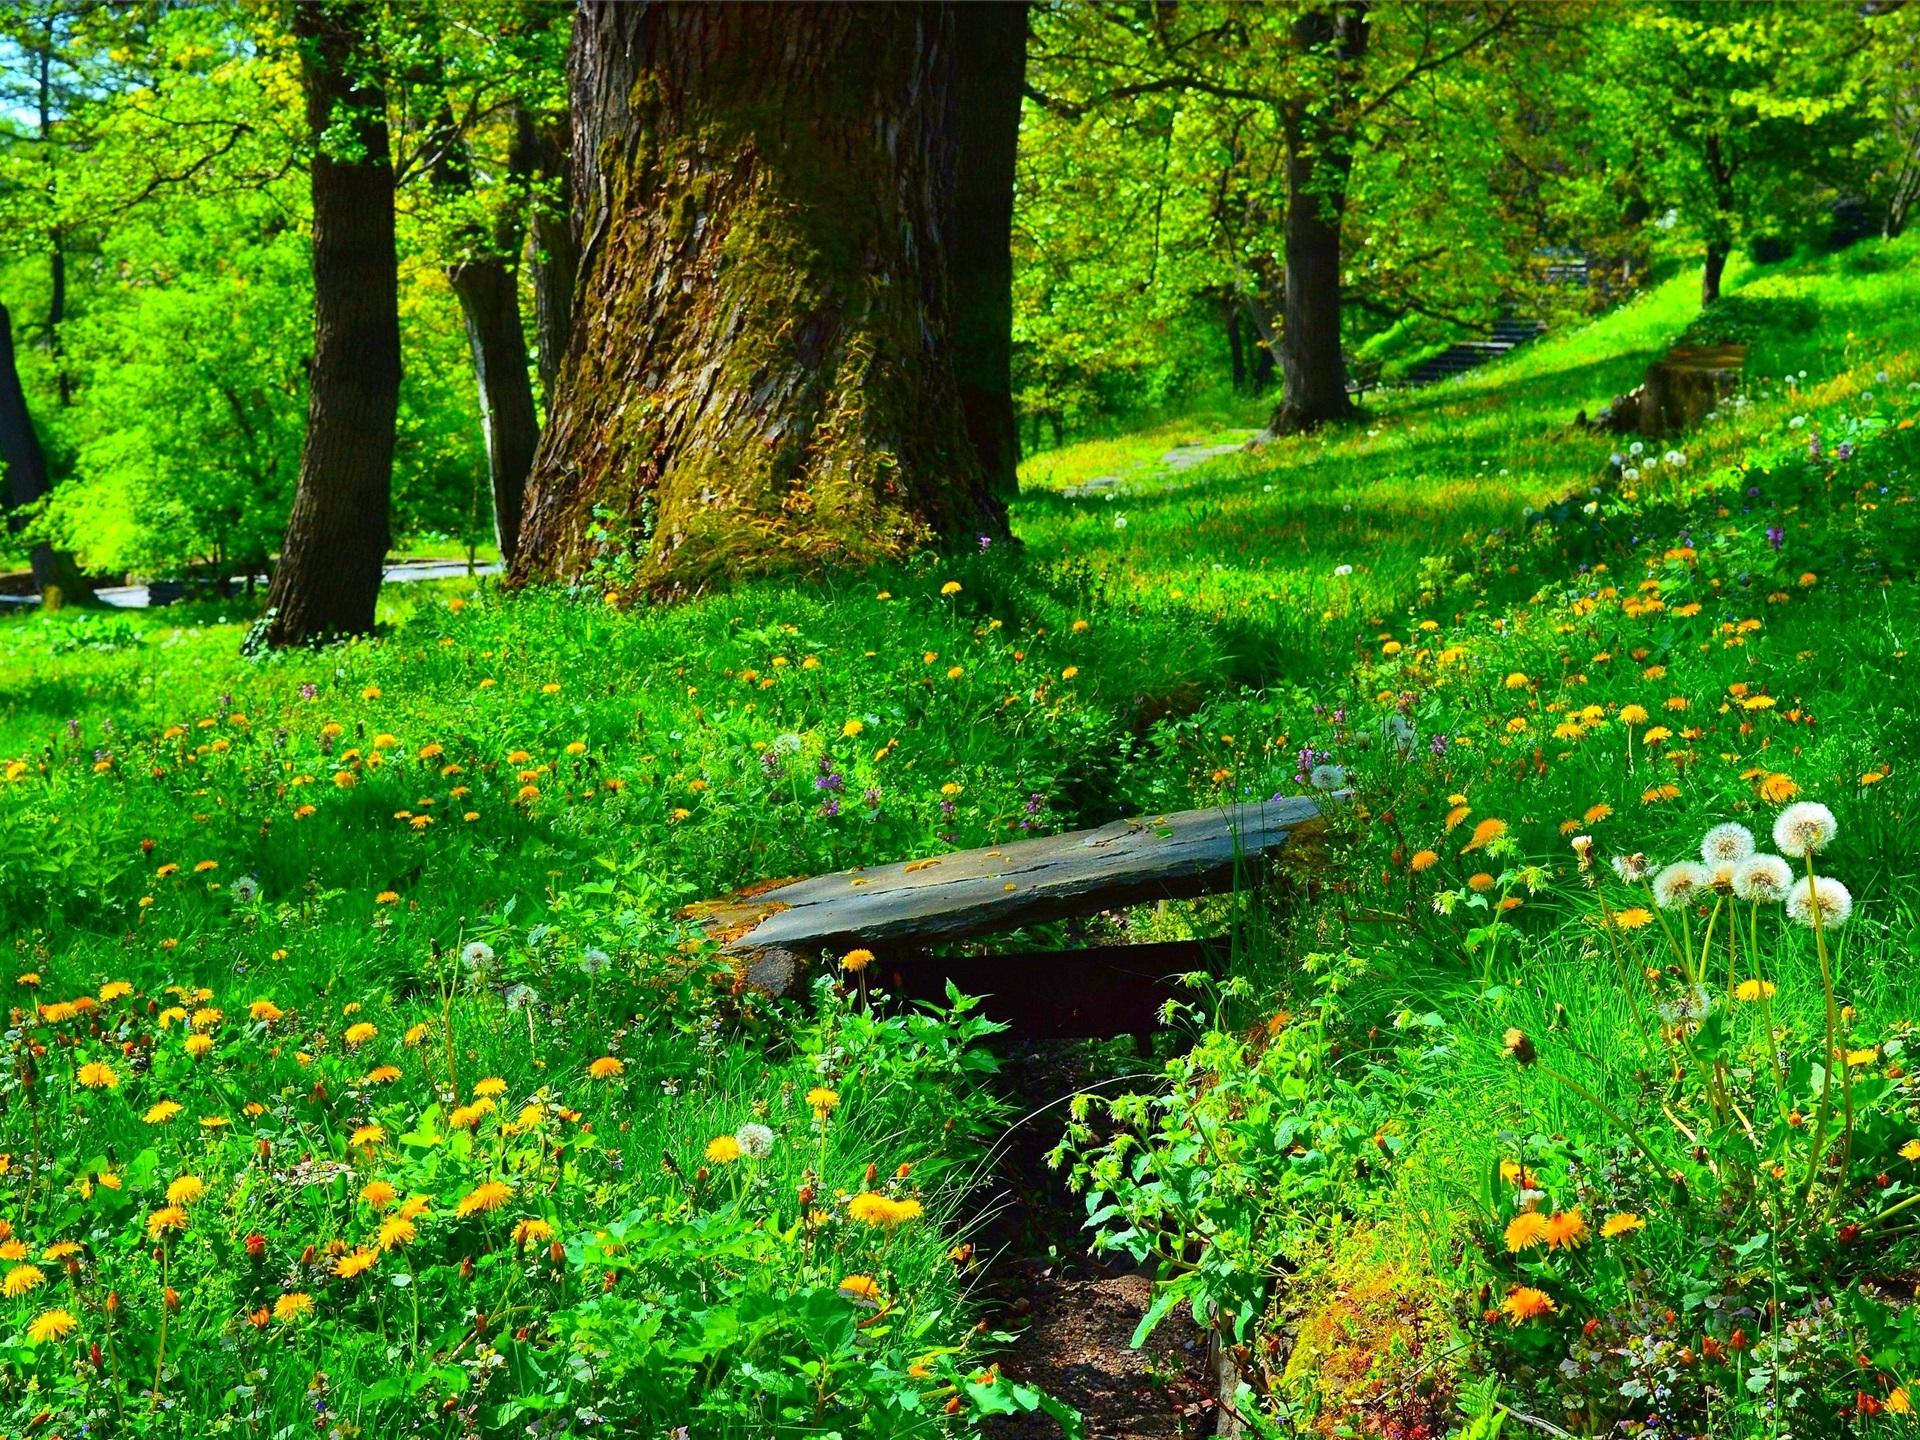 трехкомнатная, картинки деревья цветы трава вода многообразие выбора